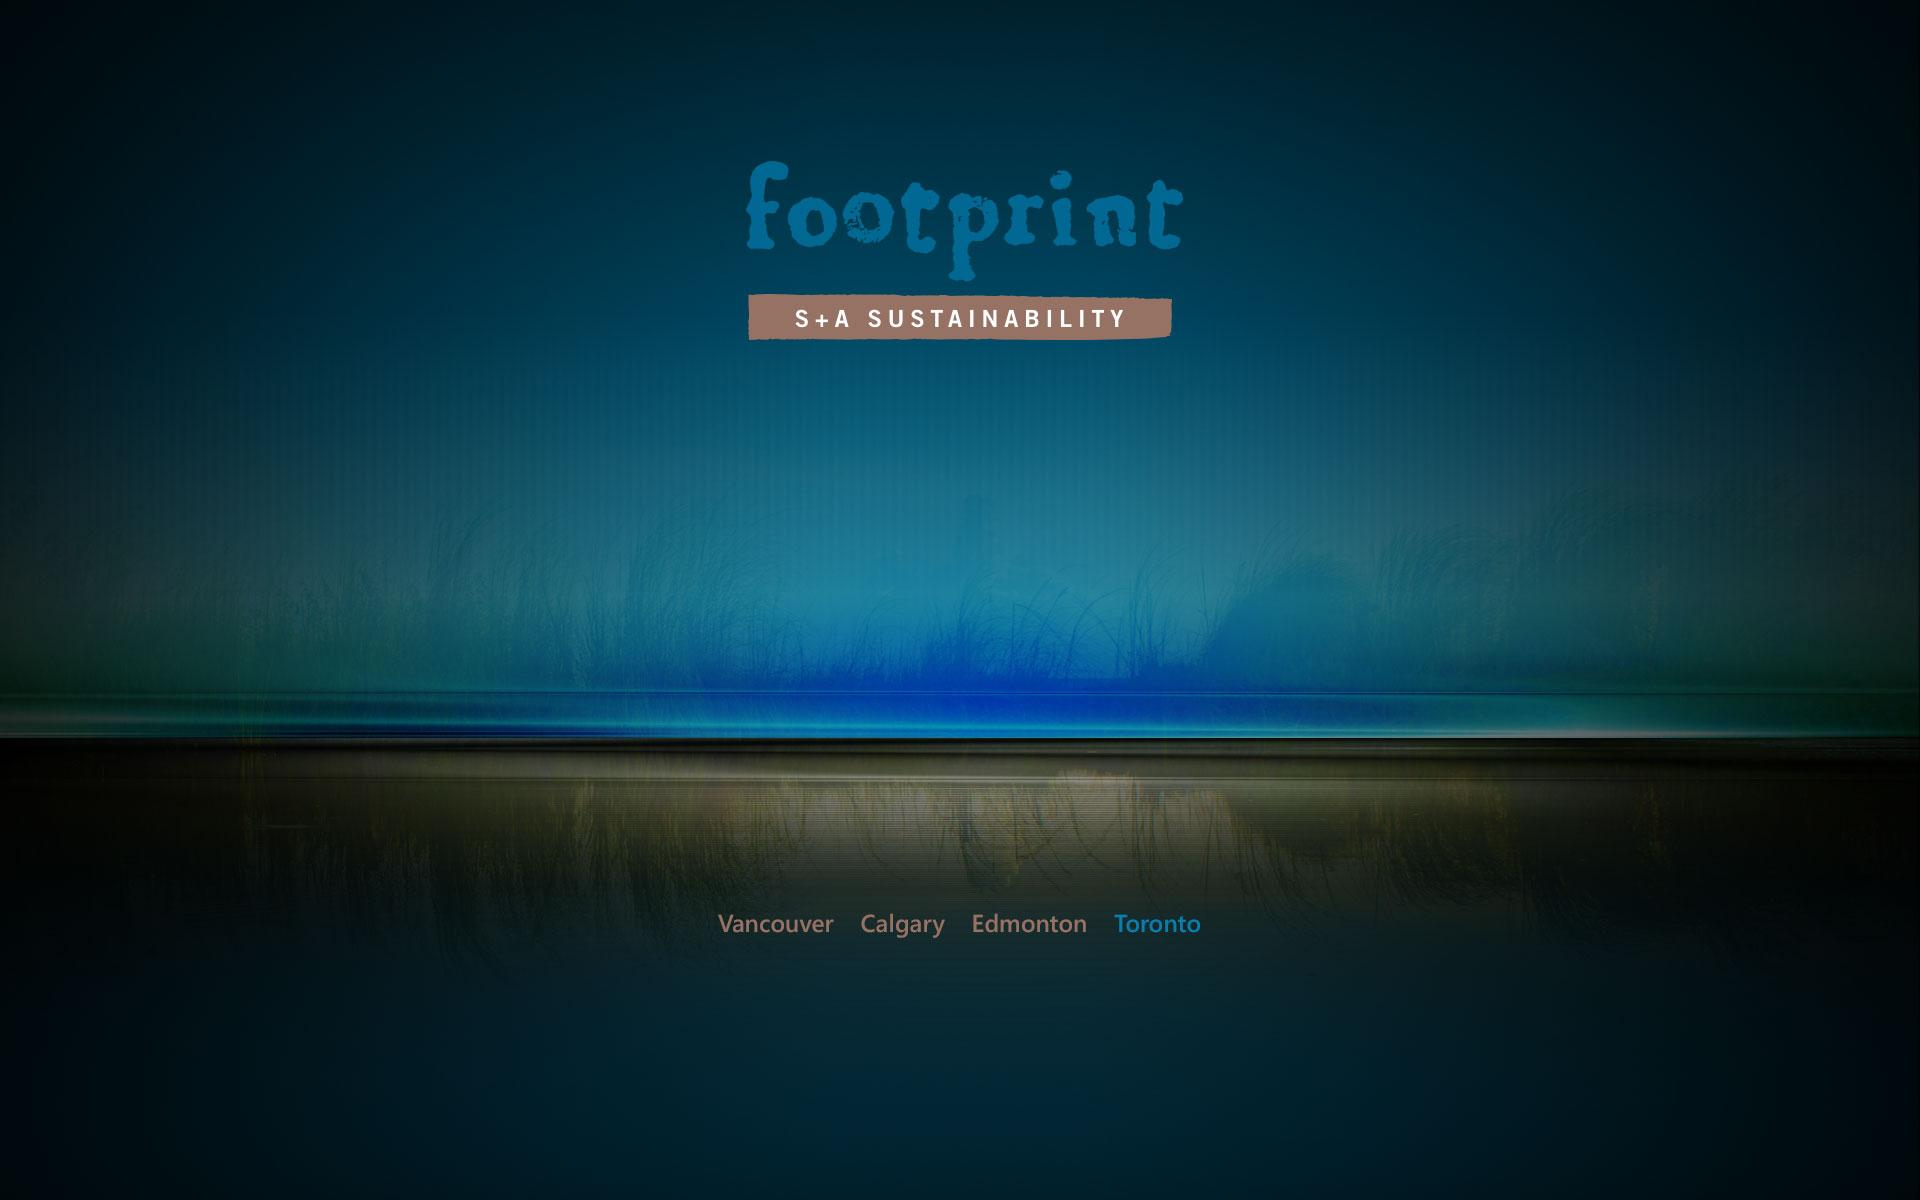 footprint-logon-1920x1200